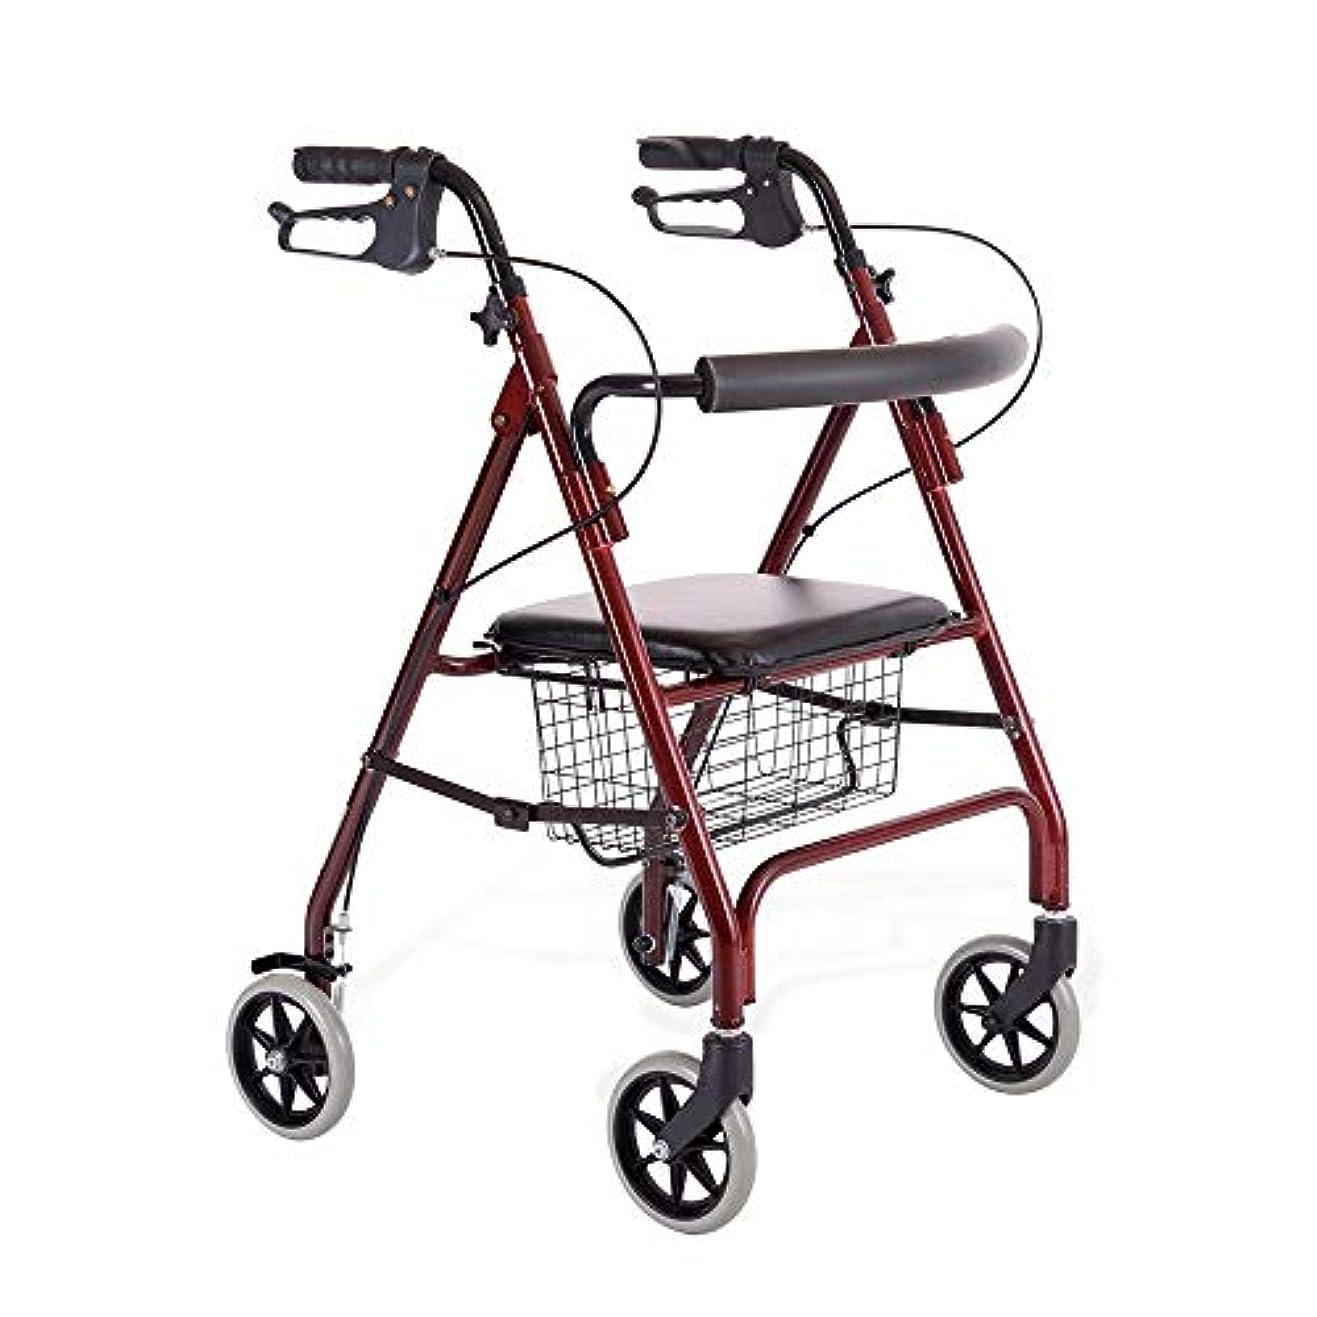 観光影響する貧困シートと買い物かご付き軽量折りたたみ式歩行歩行器、高さ調節可能、4車輪可動補助具